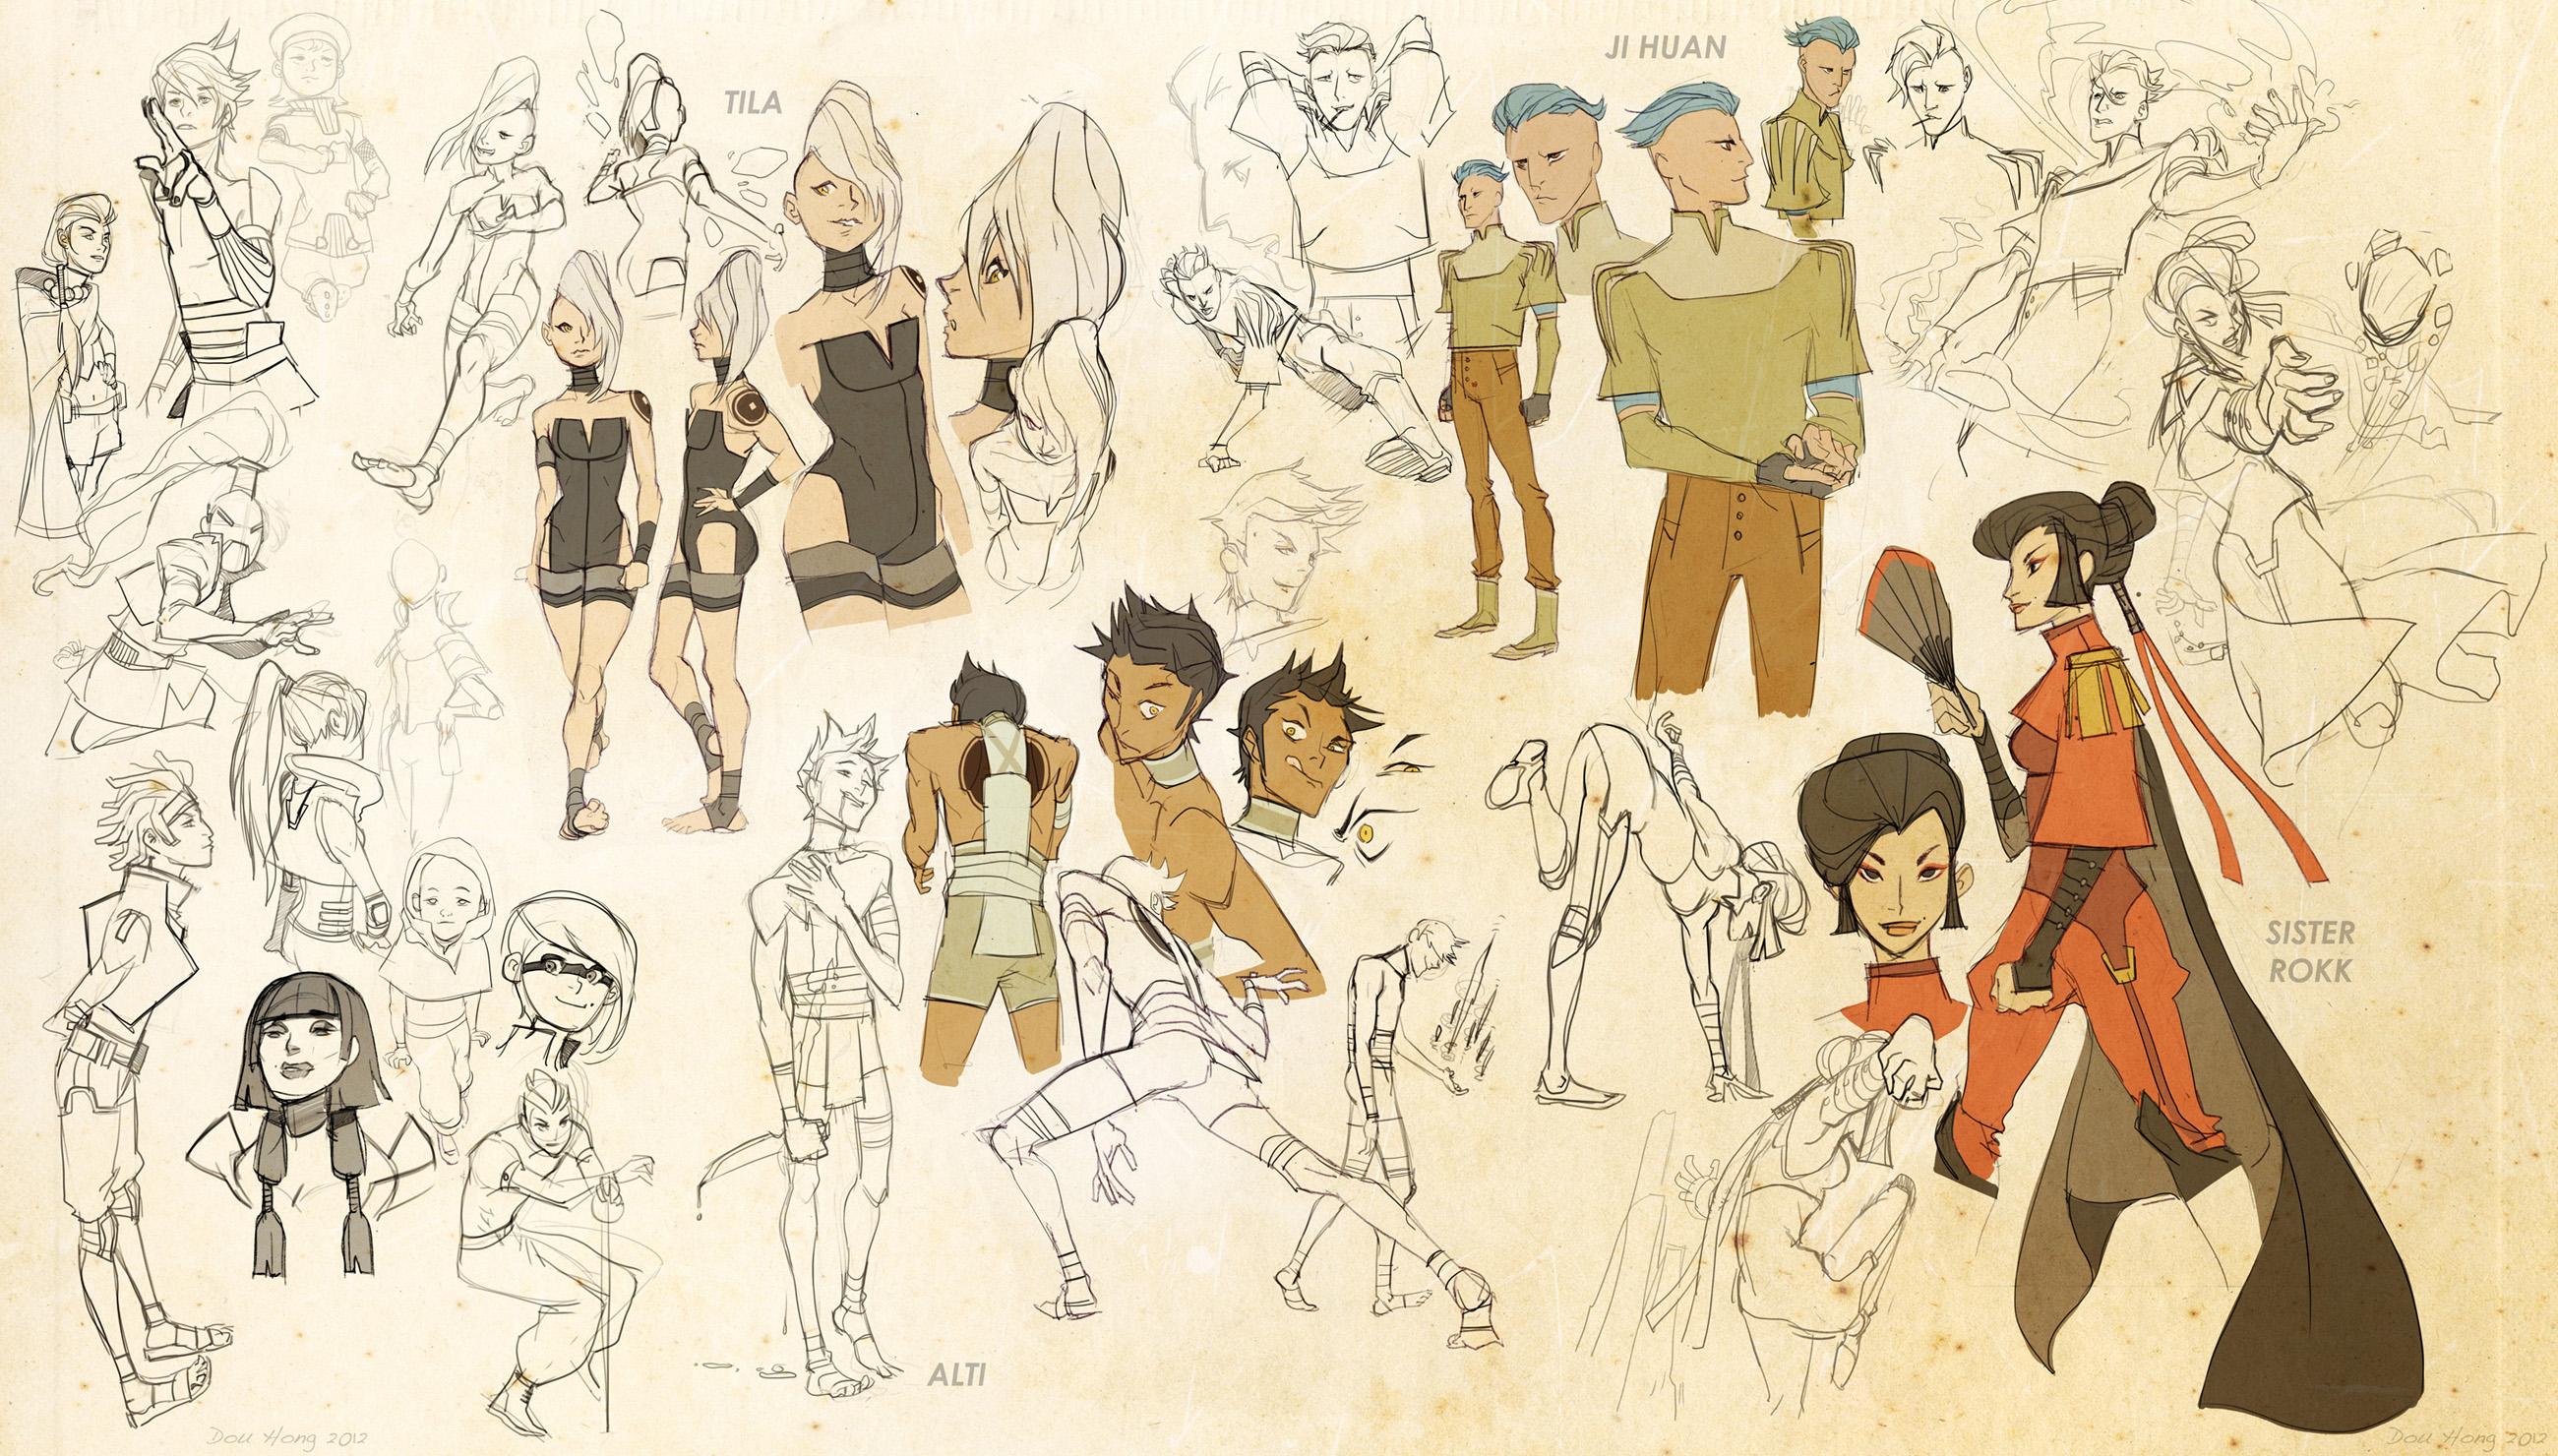 Legend Of Korra 35 Cool Hd Wallpaper